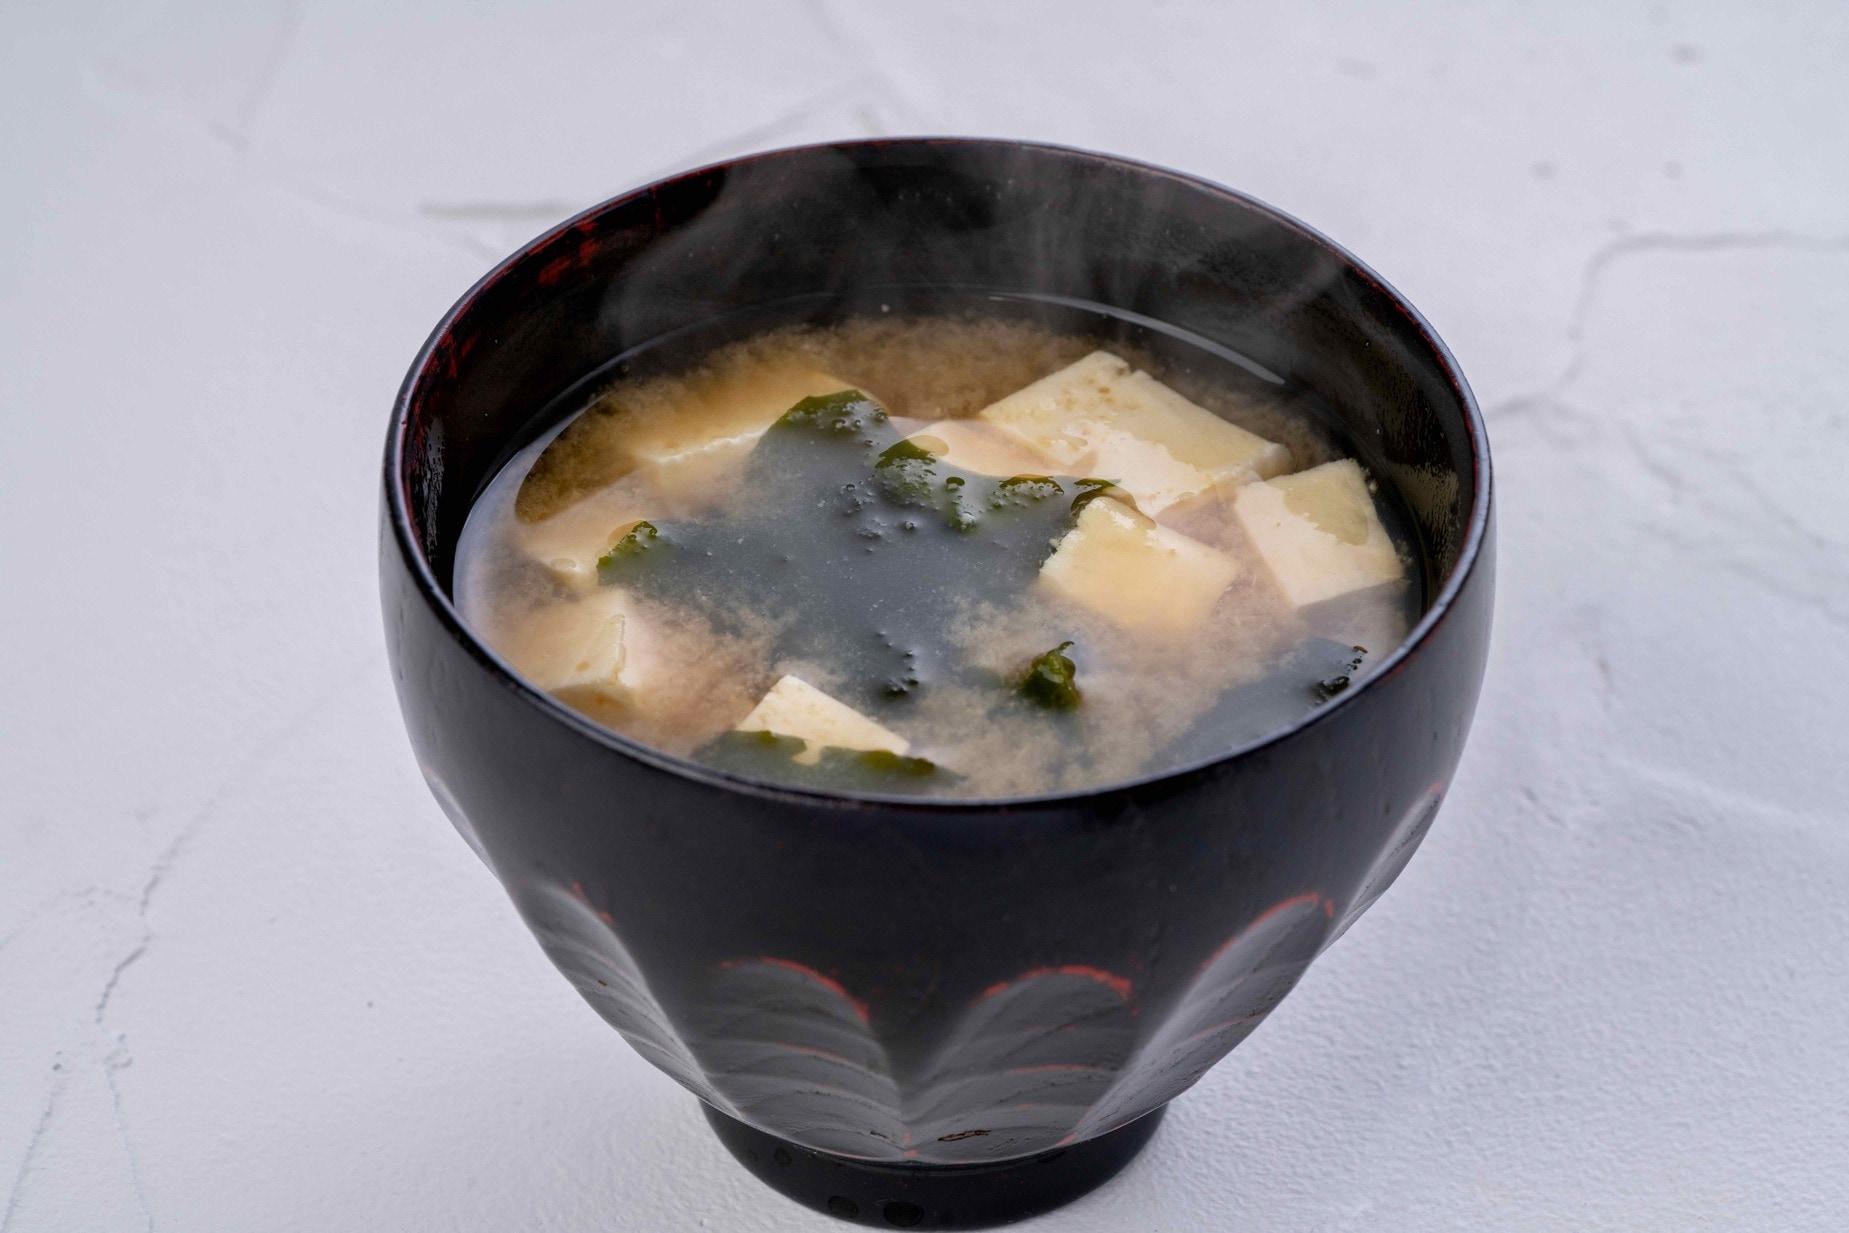 湯気の立ち上る出来立ての味噌汁,小坂農園の手作り味噌で作る味噌汁